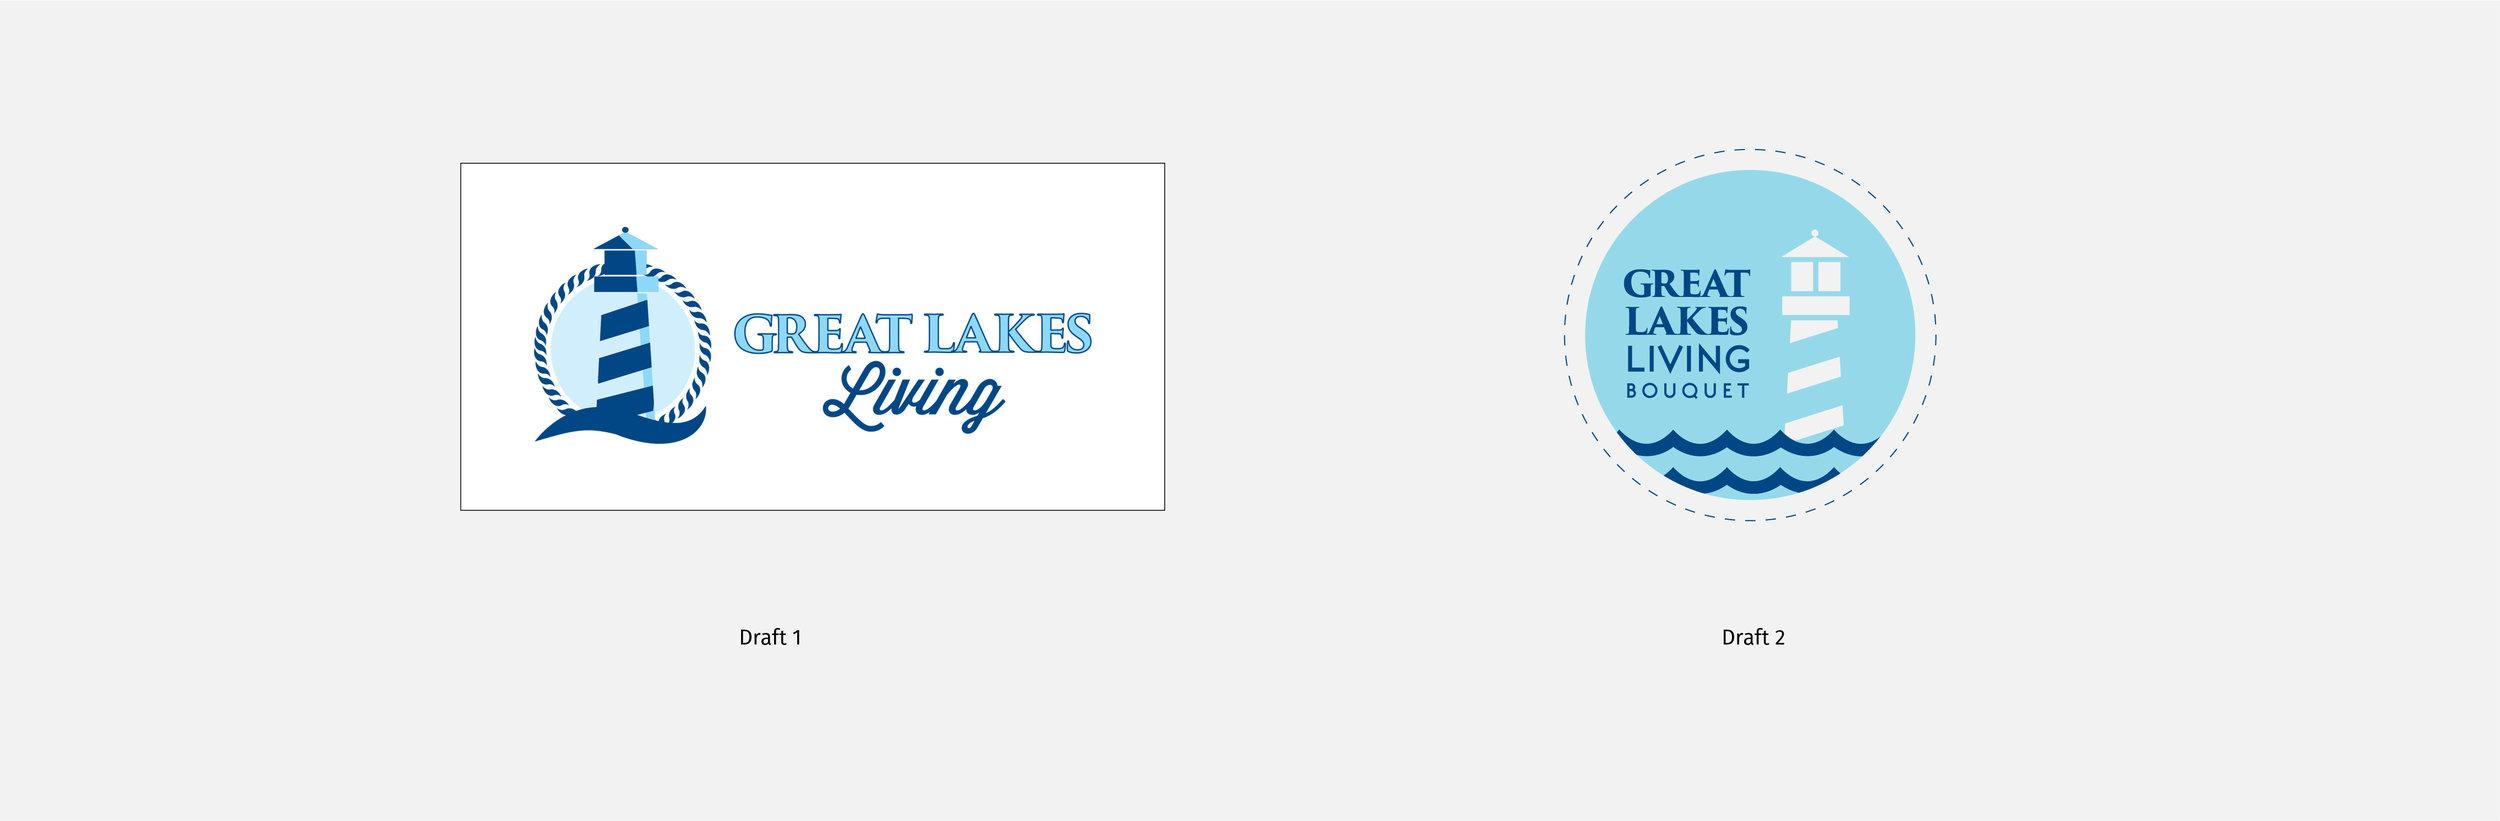 Great Lakes-04.jpg